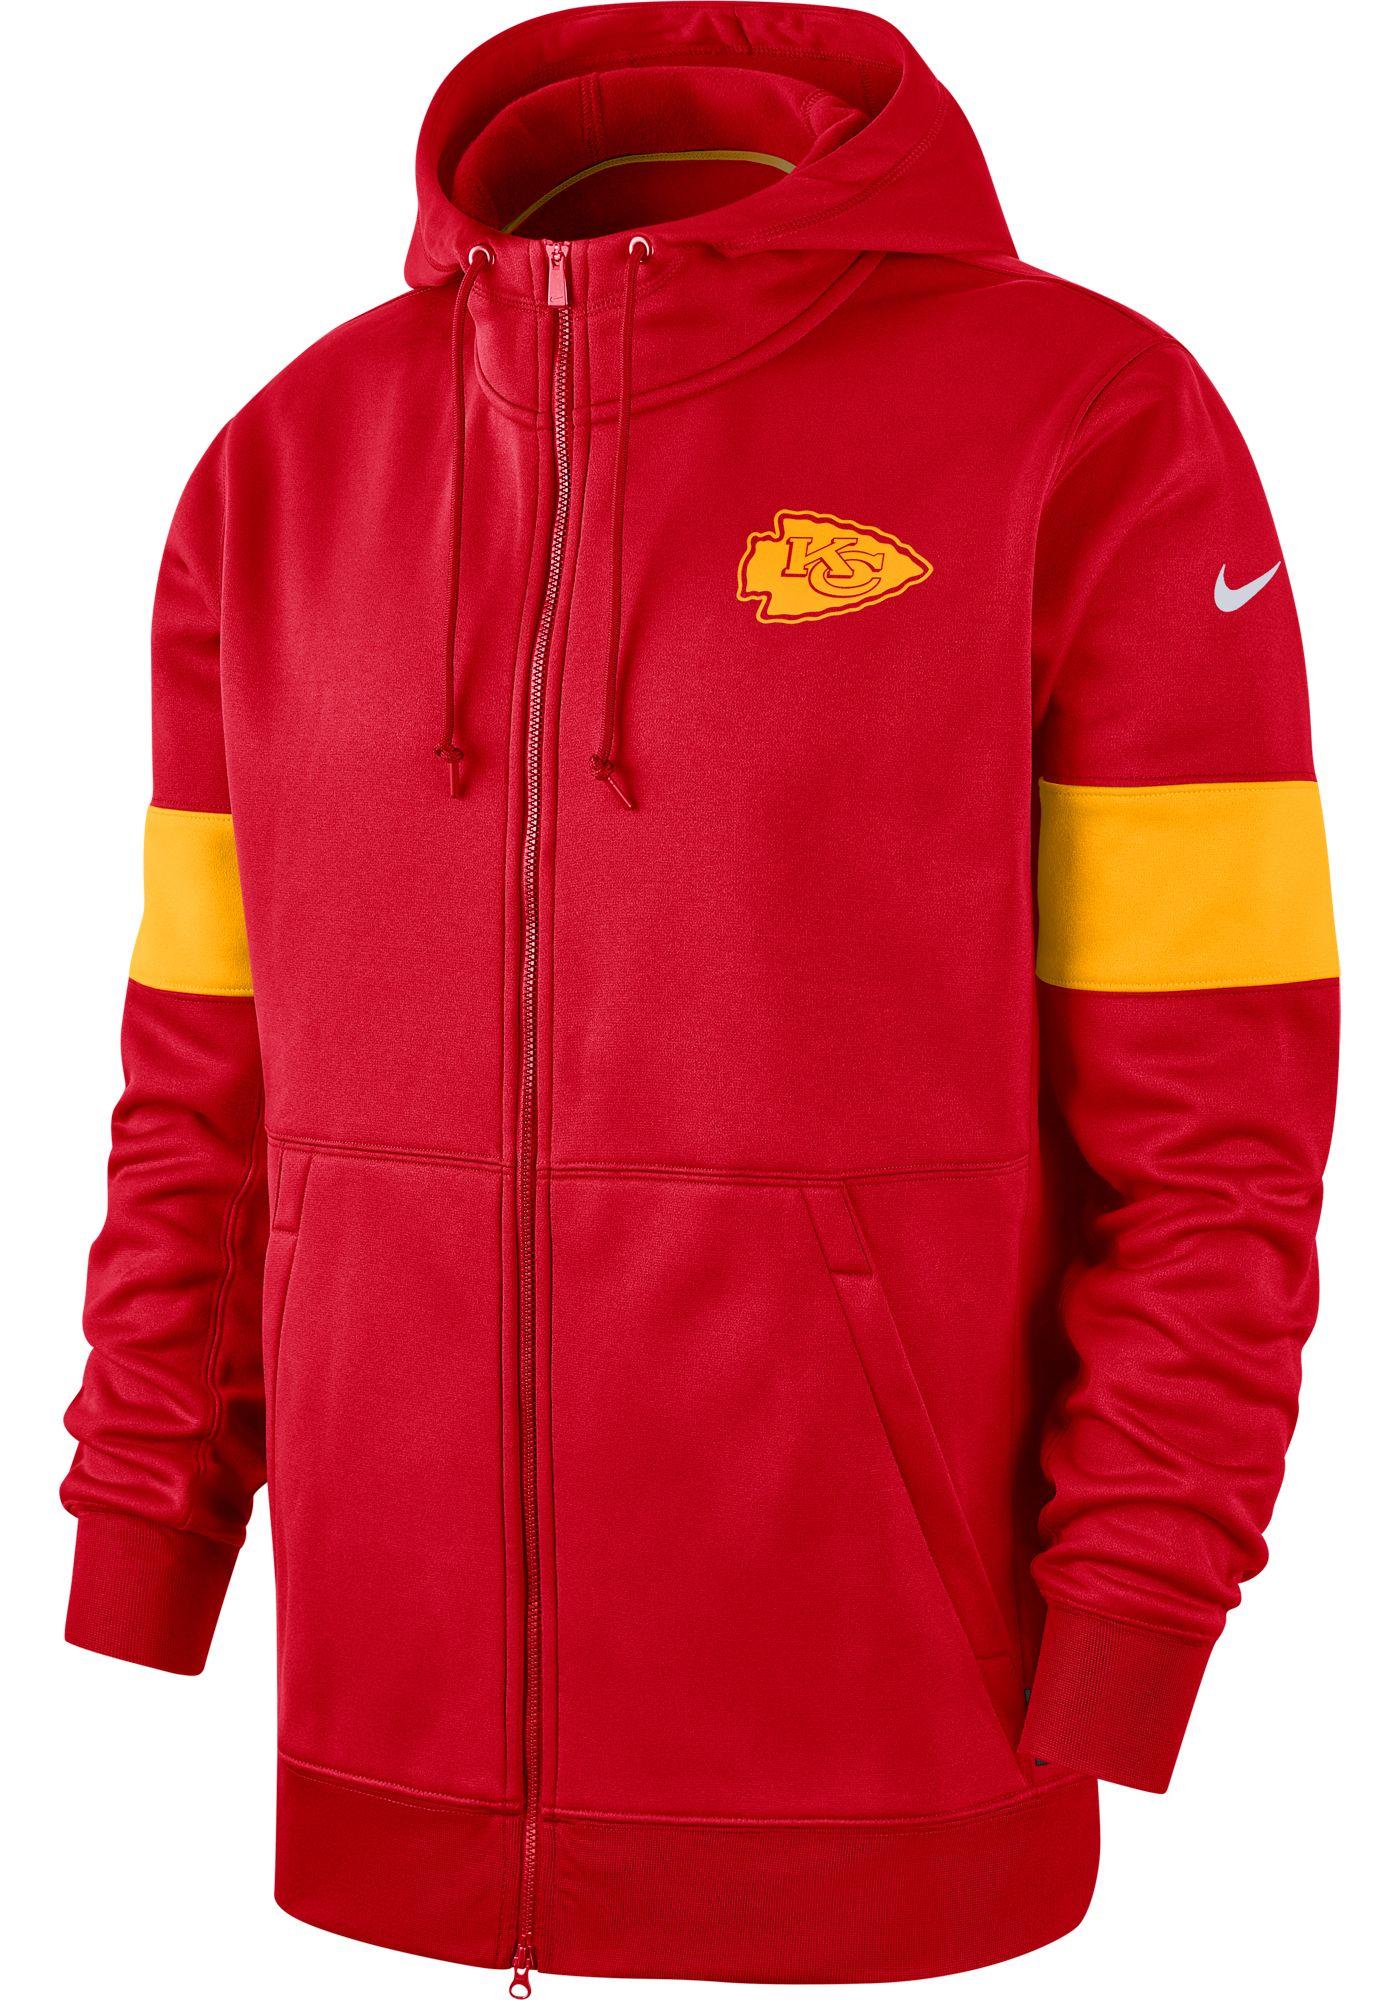 Nike Men's Kansas City Chiefs Sideline Therma-FIT Red Full-Zip Hoodie